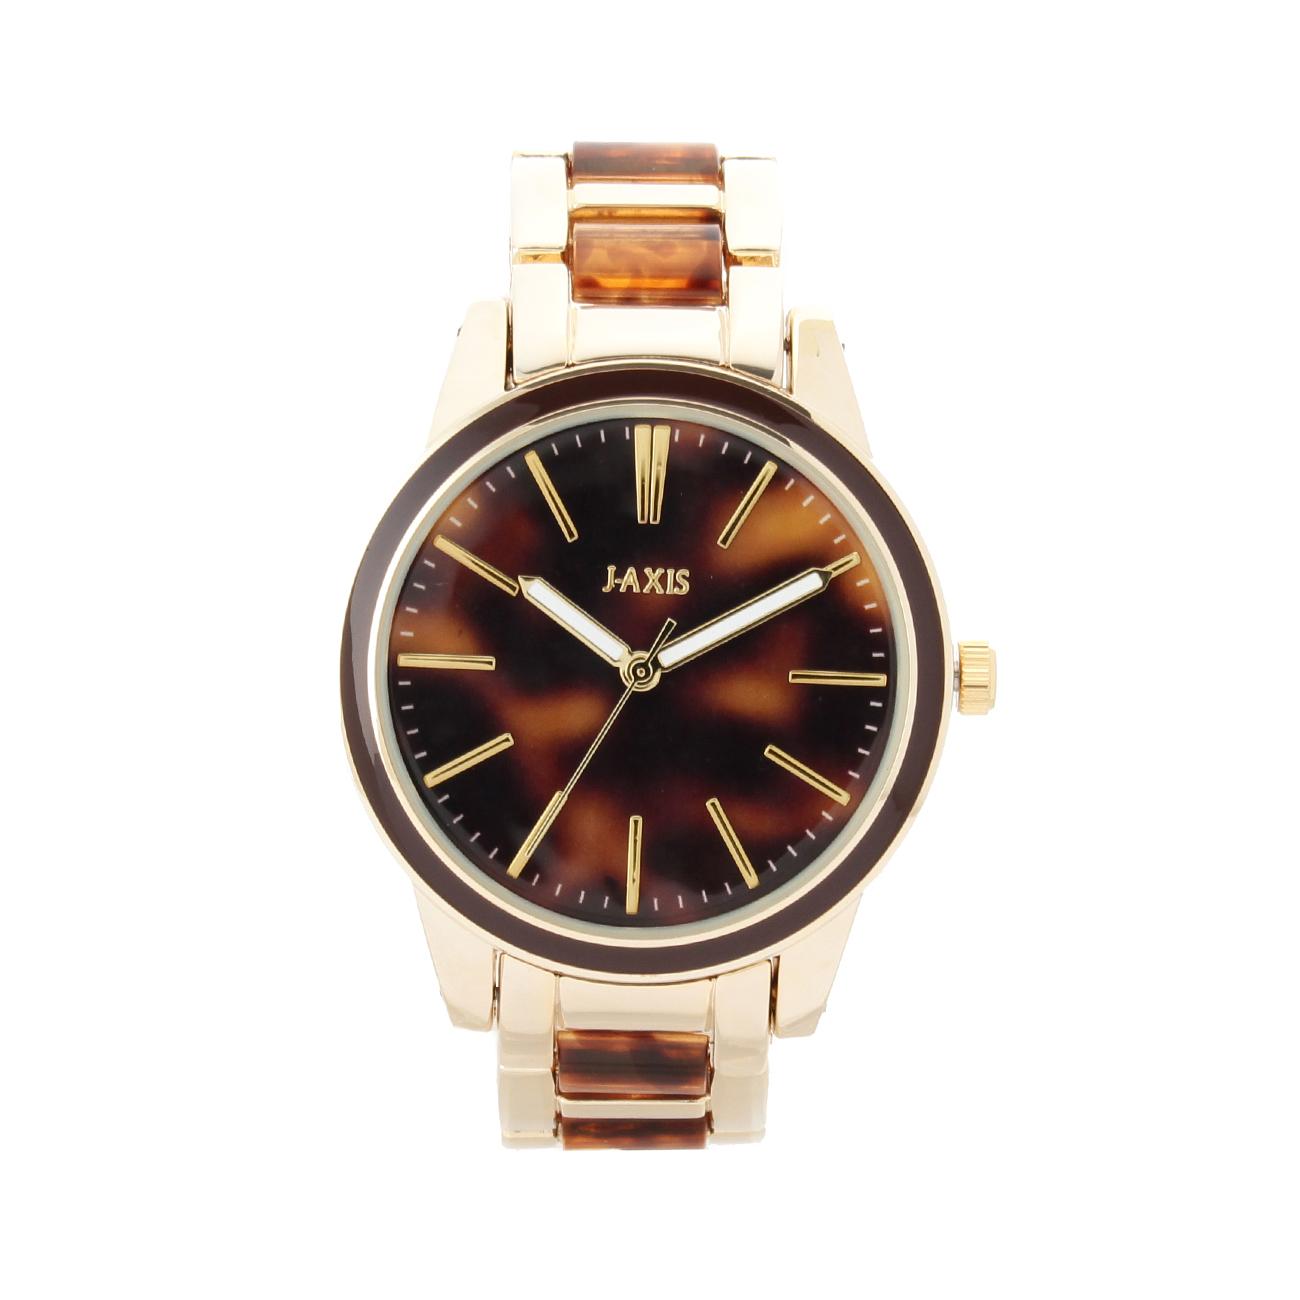 【passage mignon (パサージュ ミニョン)】マーブルメタル腕時計レディース 雑貨|腕時計 ダークブラウン